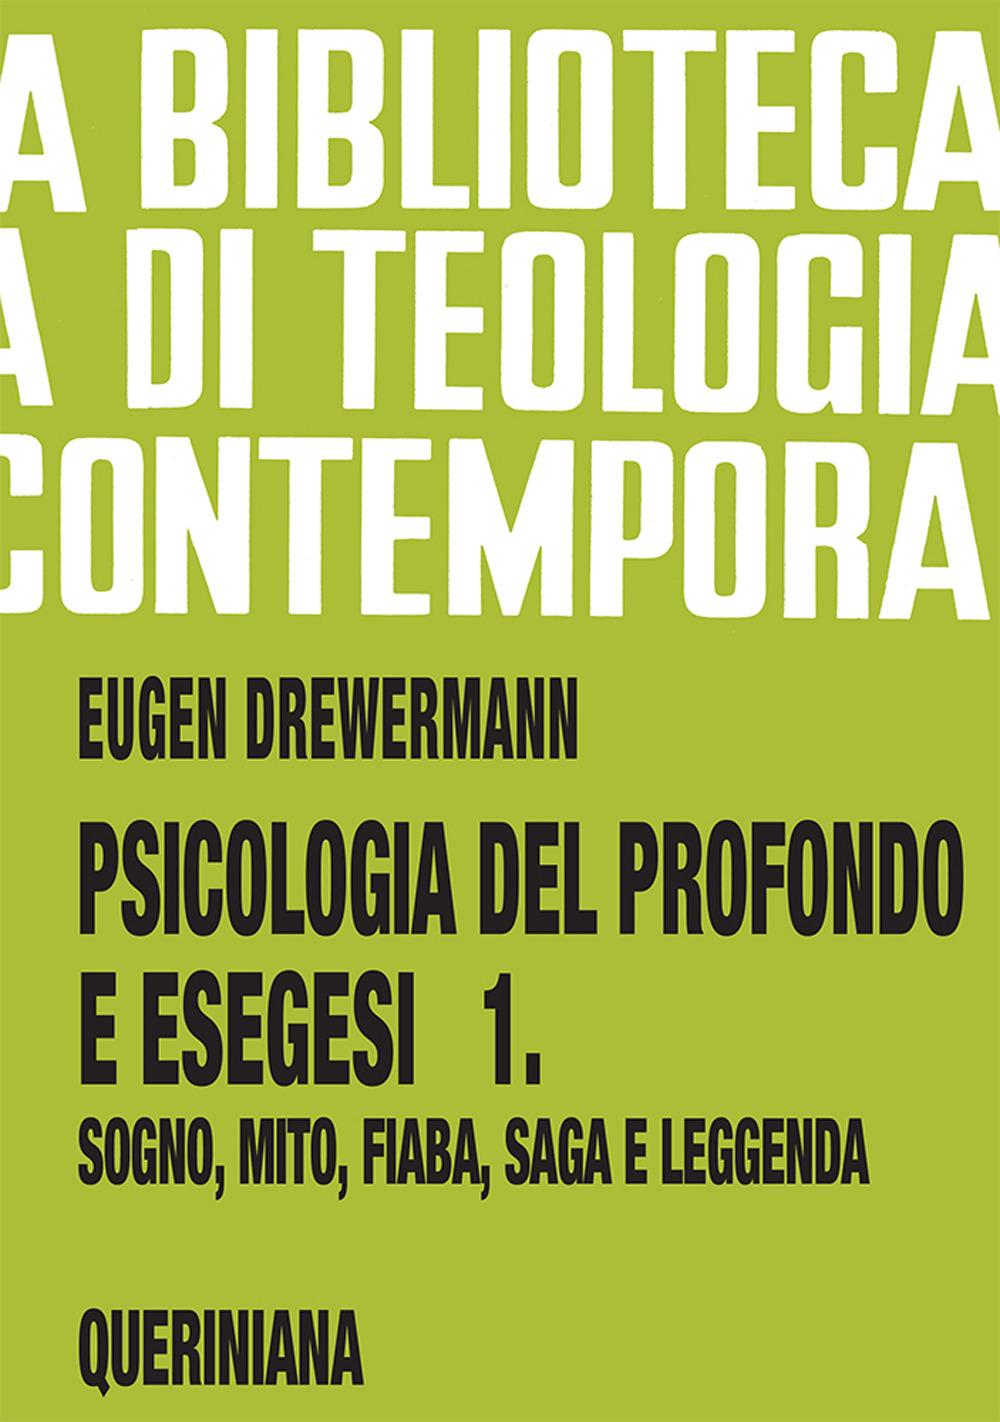 Psicologia del profondo e esegesi. Vol. 1: La verità delle forme. Sogno, mito, fiaba, saga e leggenda